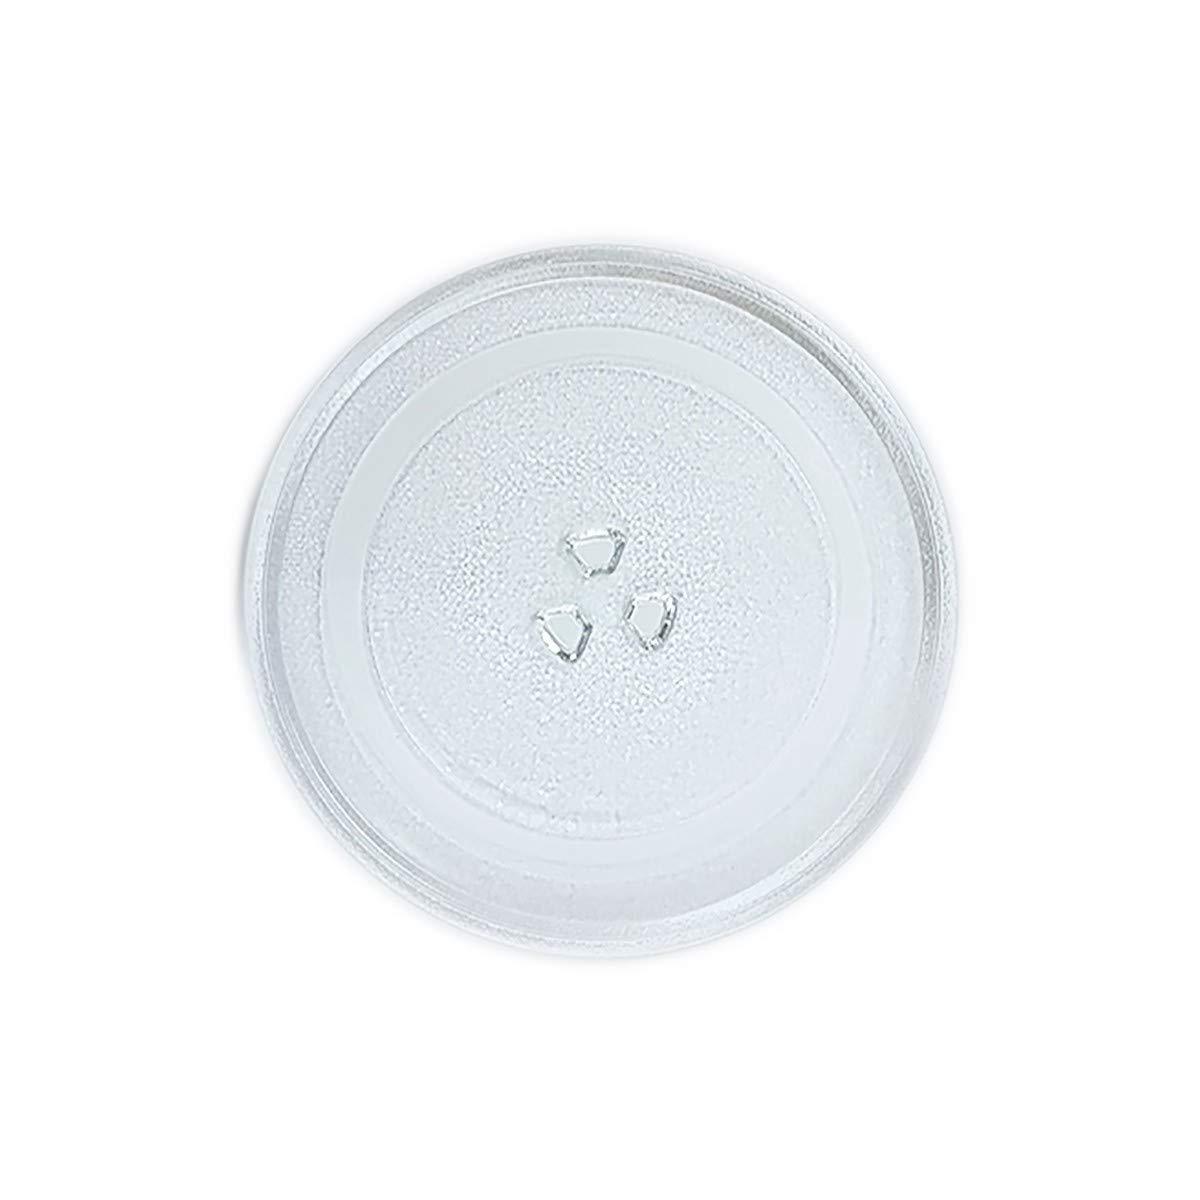 Recamania Plato para microondas diametro Ø 245mm Universal: Amazon ...